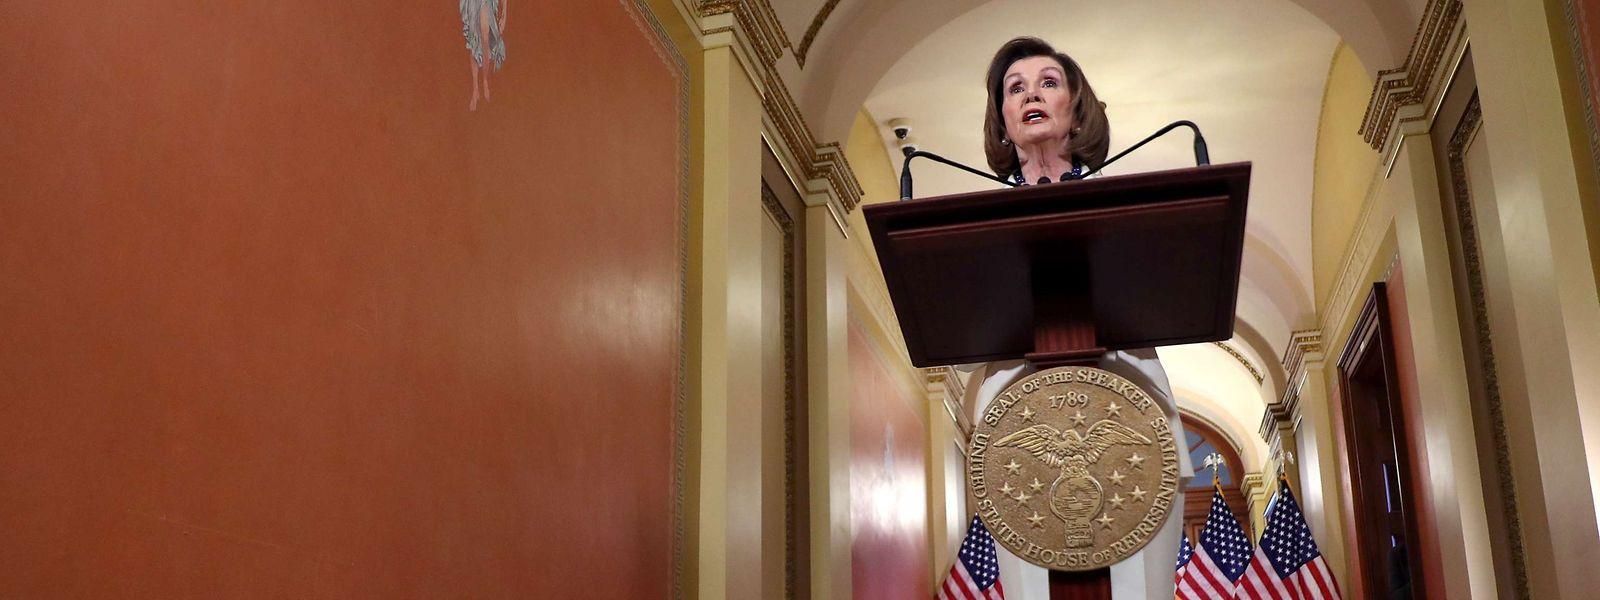 """""""Der Präsident lässt uns keine andere Möglichkeit, als zu handeln"""", sagte die Vorsitzende des US-Abgeordnetenhauses Nancy Pelosi."""